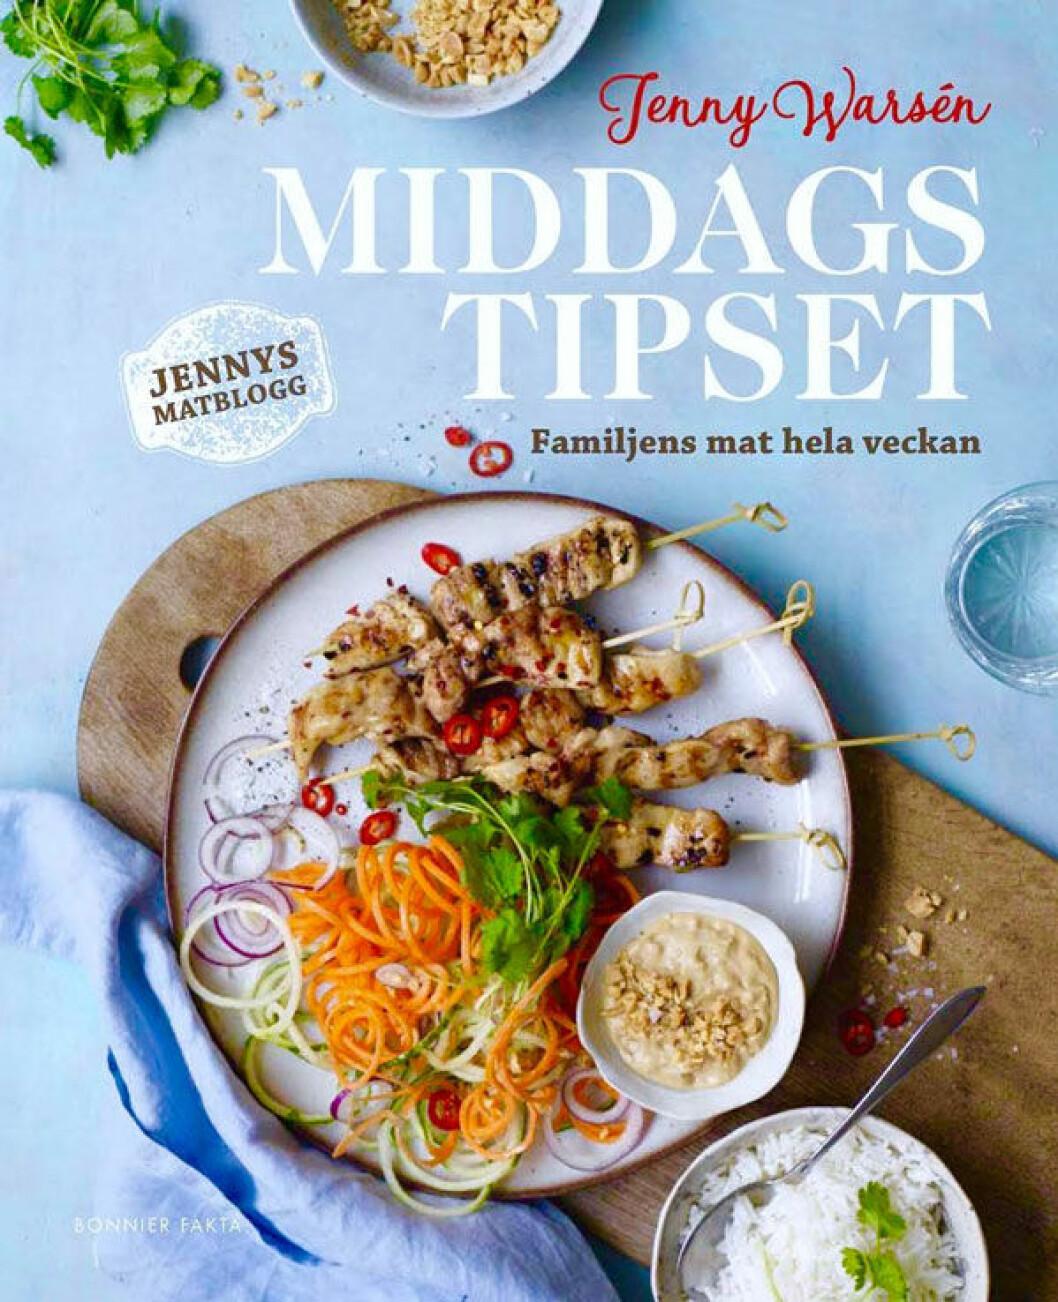 Kokboken Middagstipset av Jenny Warsén.